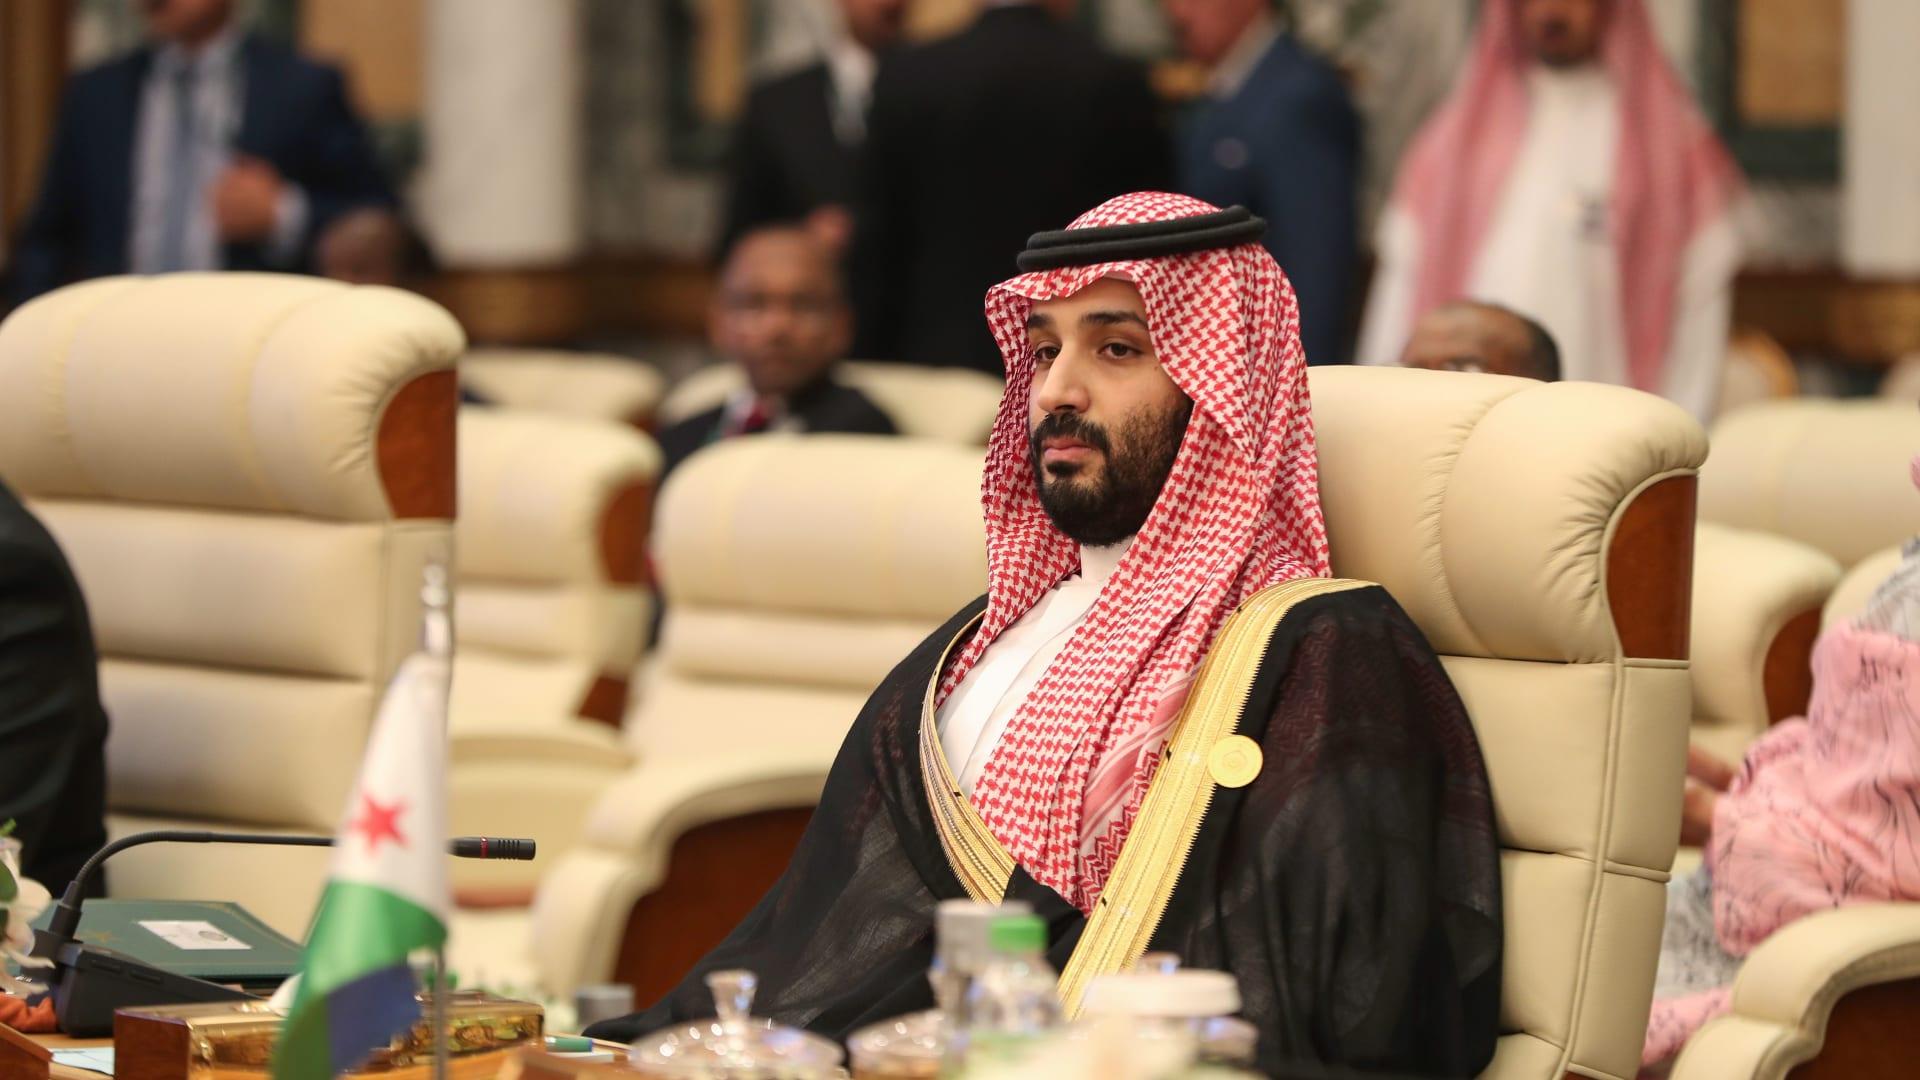 الملك سلمان يوجه رسالة قوية لإيران في القمة الخليجية العربية